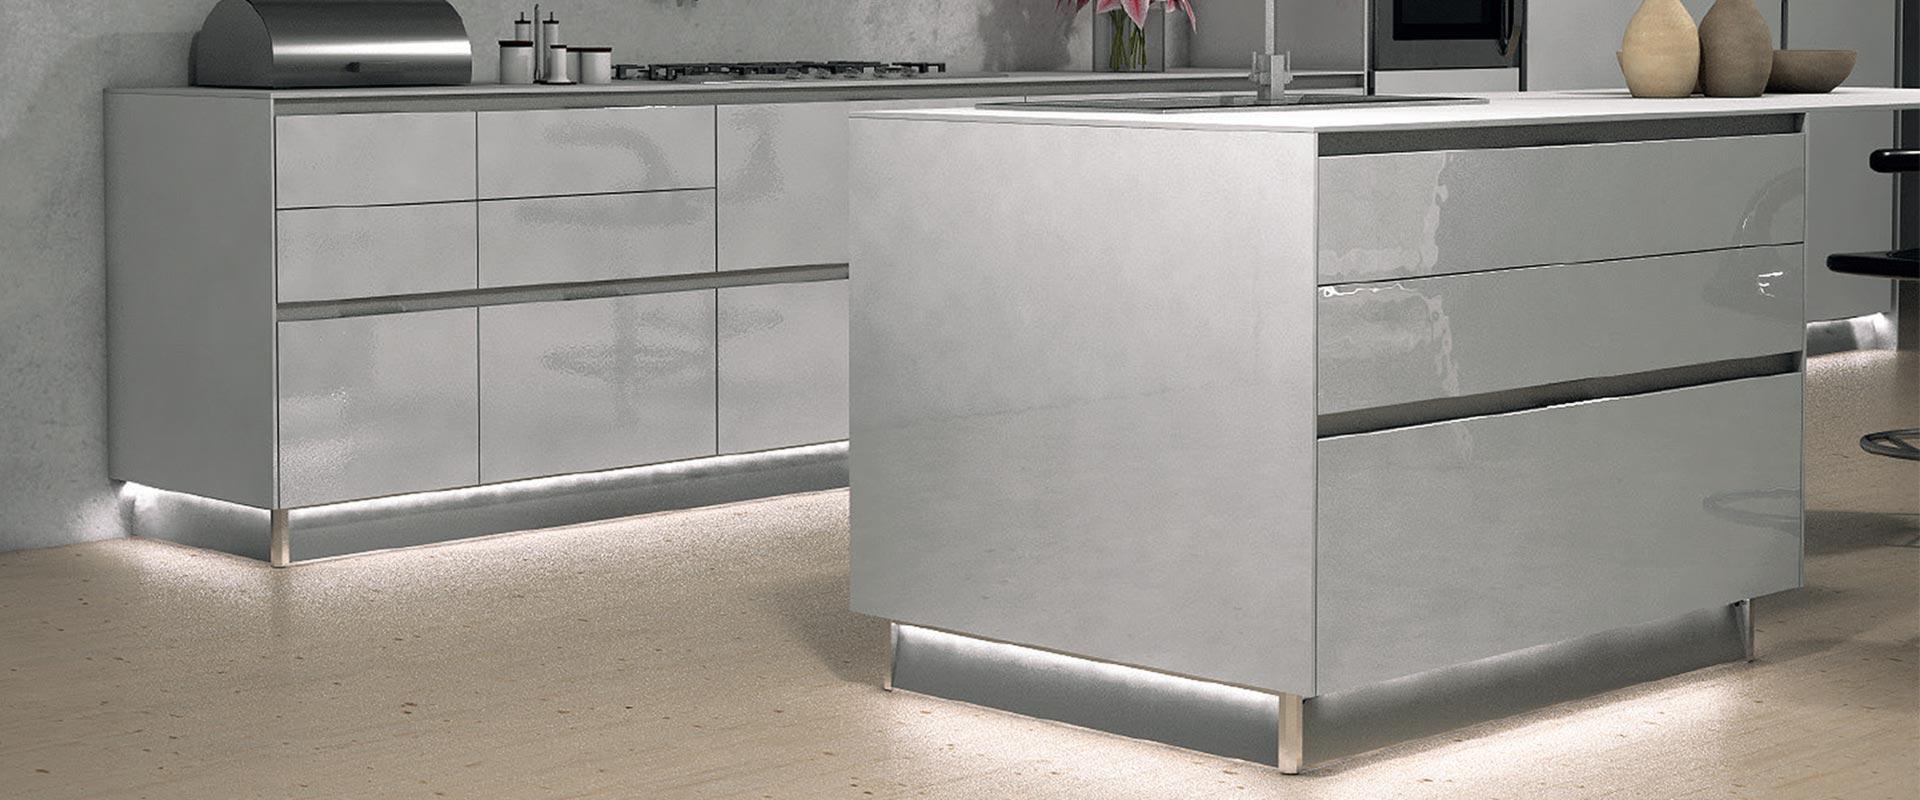 Zoccolo alluminio cucina con led ossicolor - Battiscopa per cucina ...